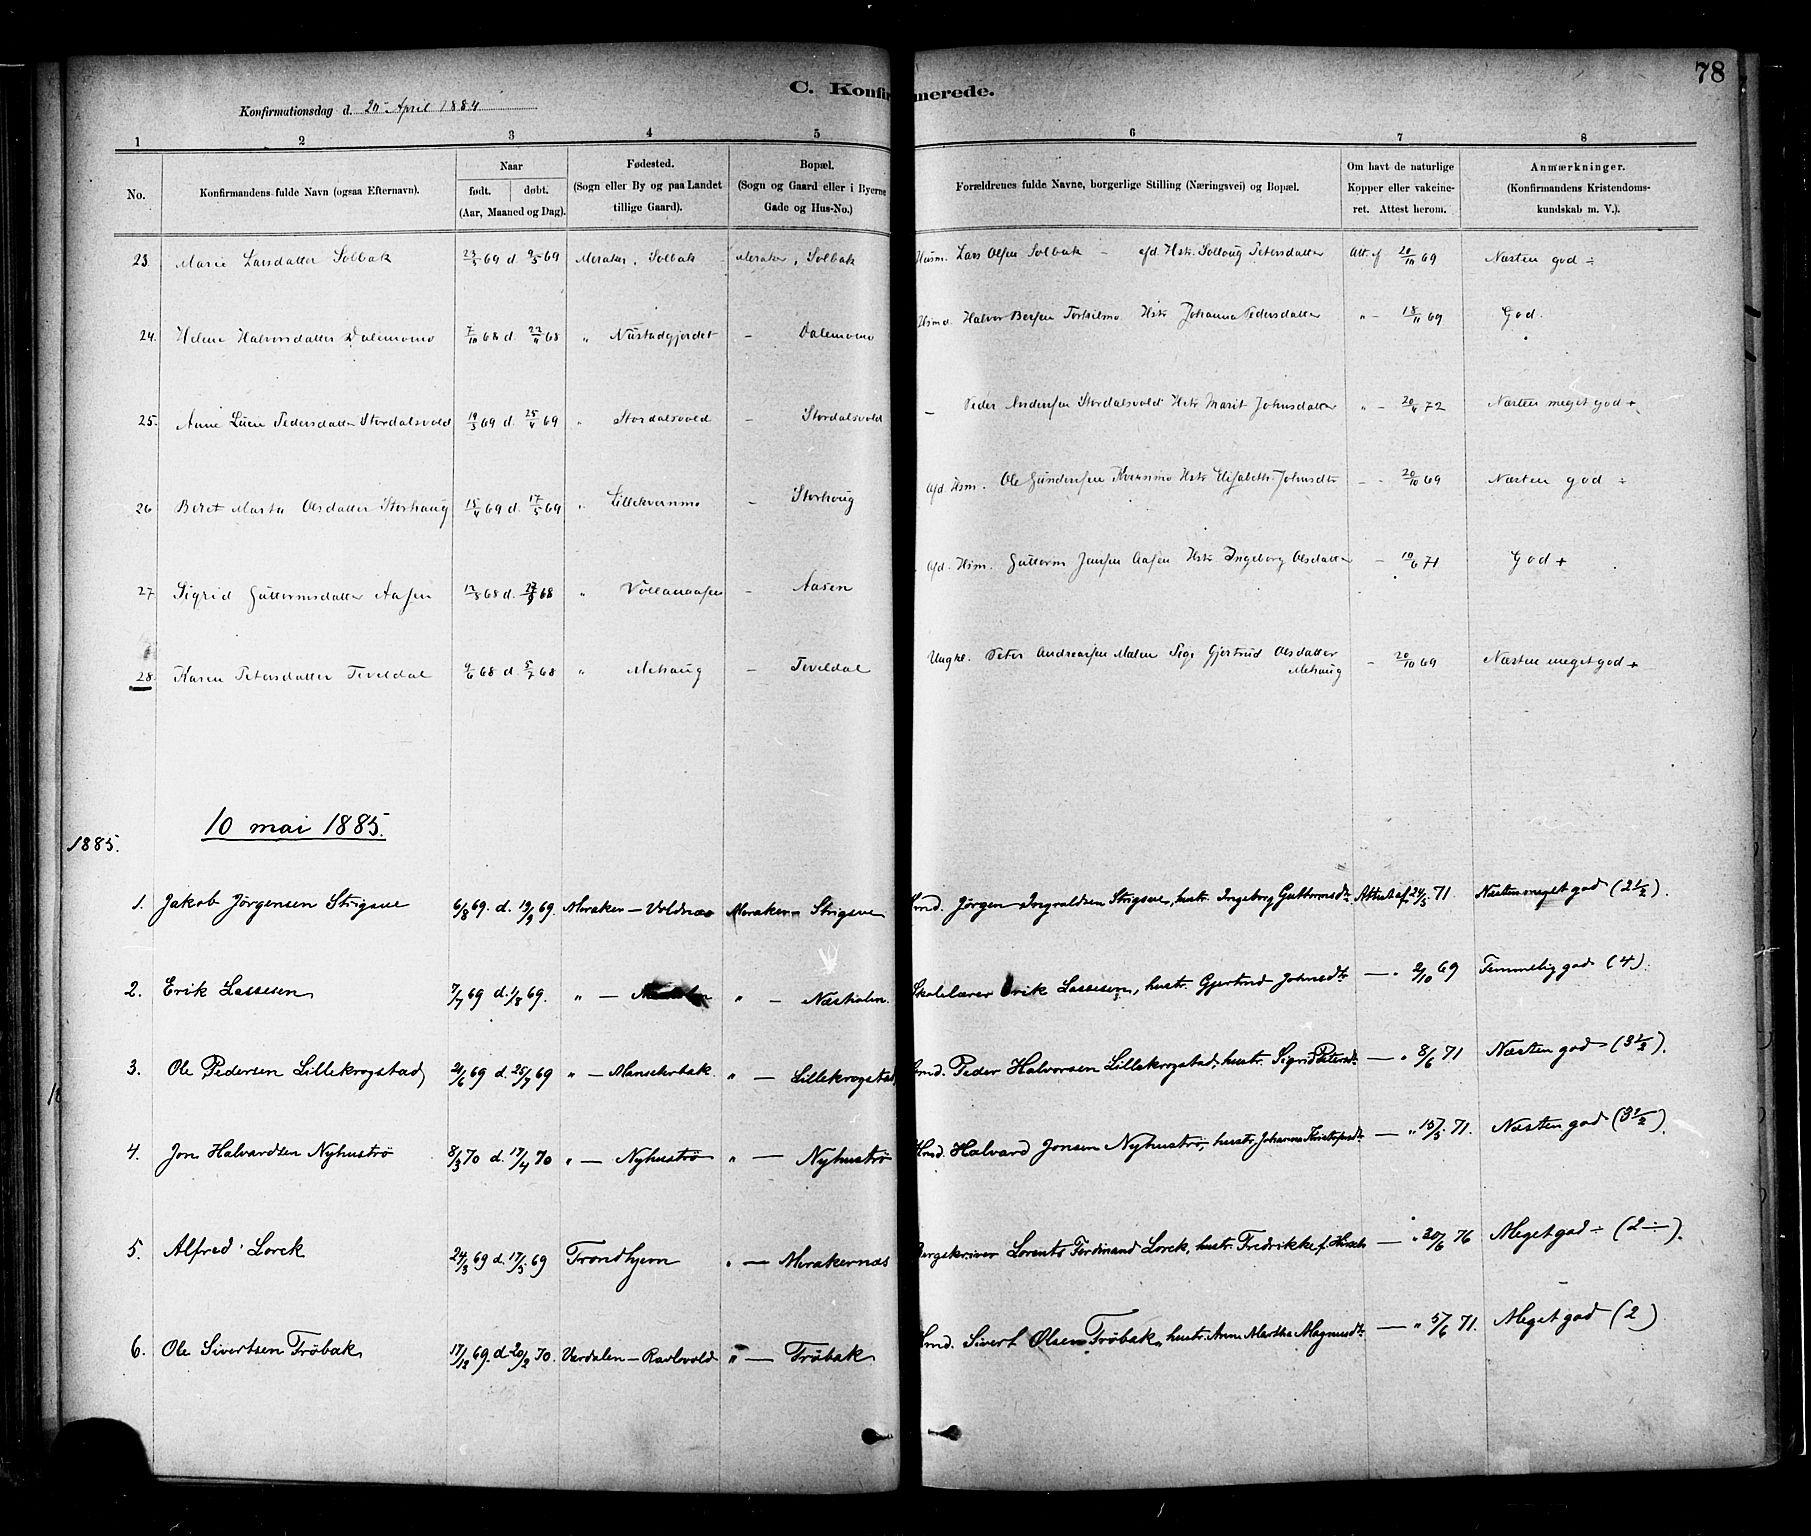 SAT, Ministerialprotokoller, klokkerbøker og fødselsregistre - Nord-Trøndelag, 706/L0047: Ministerialbok nr. 706A03, 1878-1892, s. 78